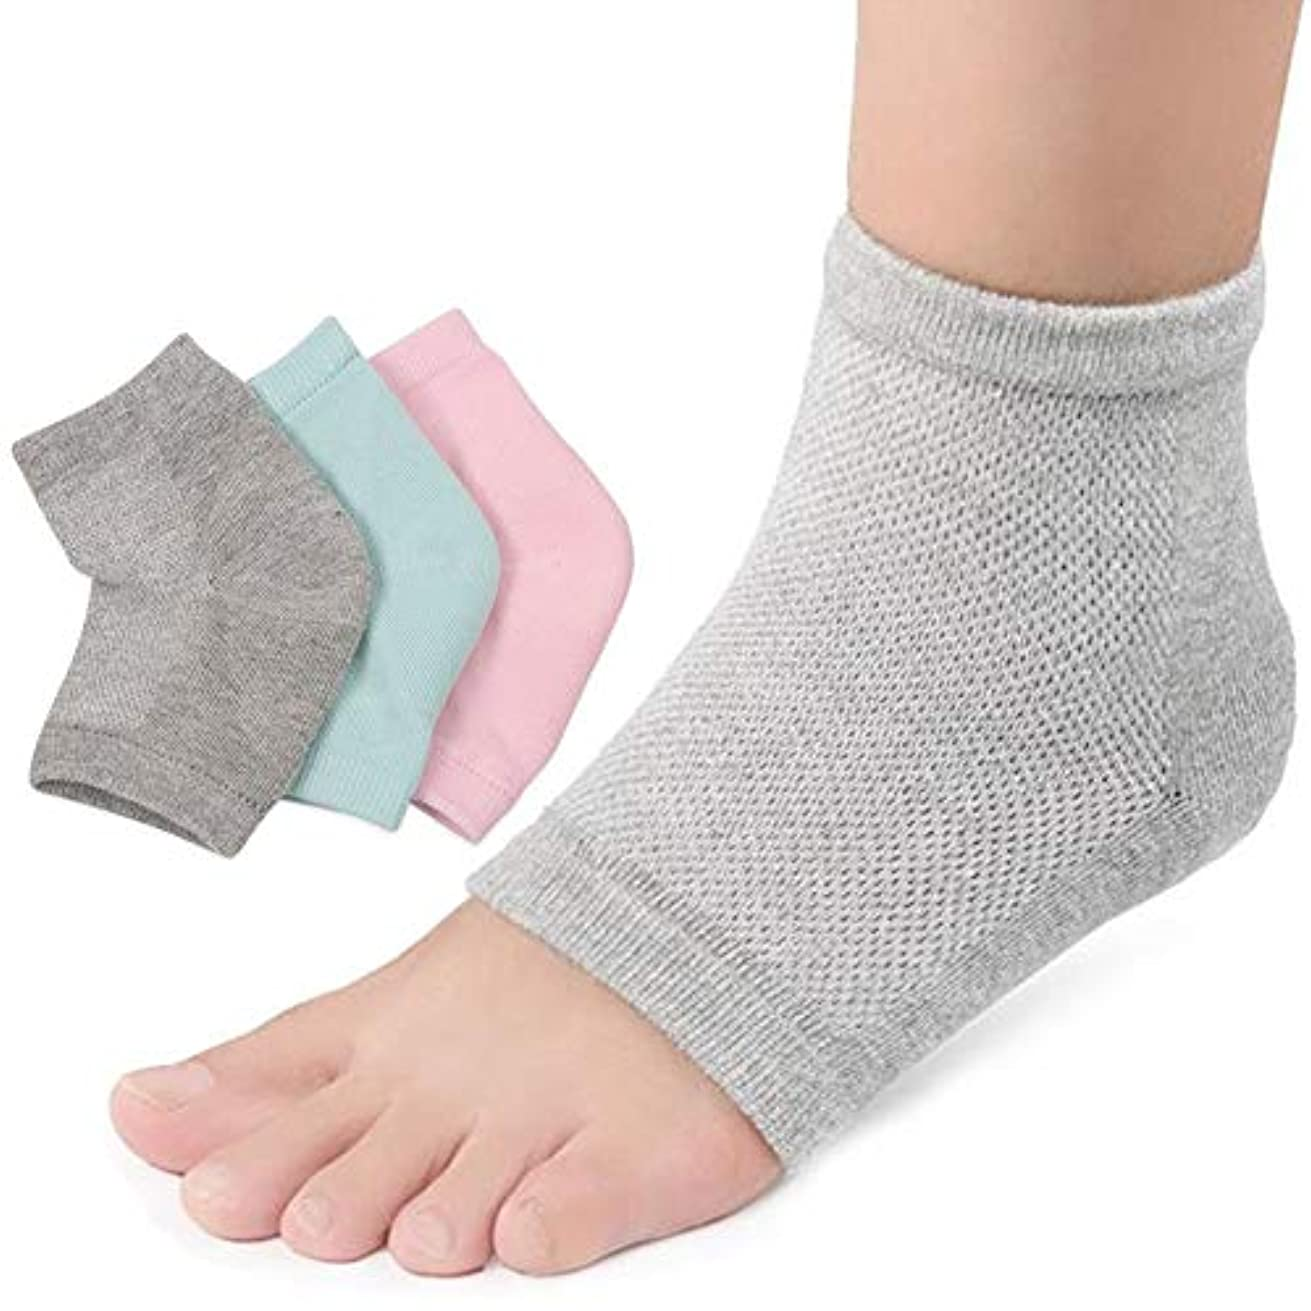 明日シャンプーマガジン3足セットかかと 靴下 かかとケア つるつる ジェル 靴下 角質 ケア 保湿 美容 角質除去足ケア 男女兼用